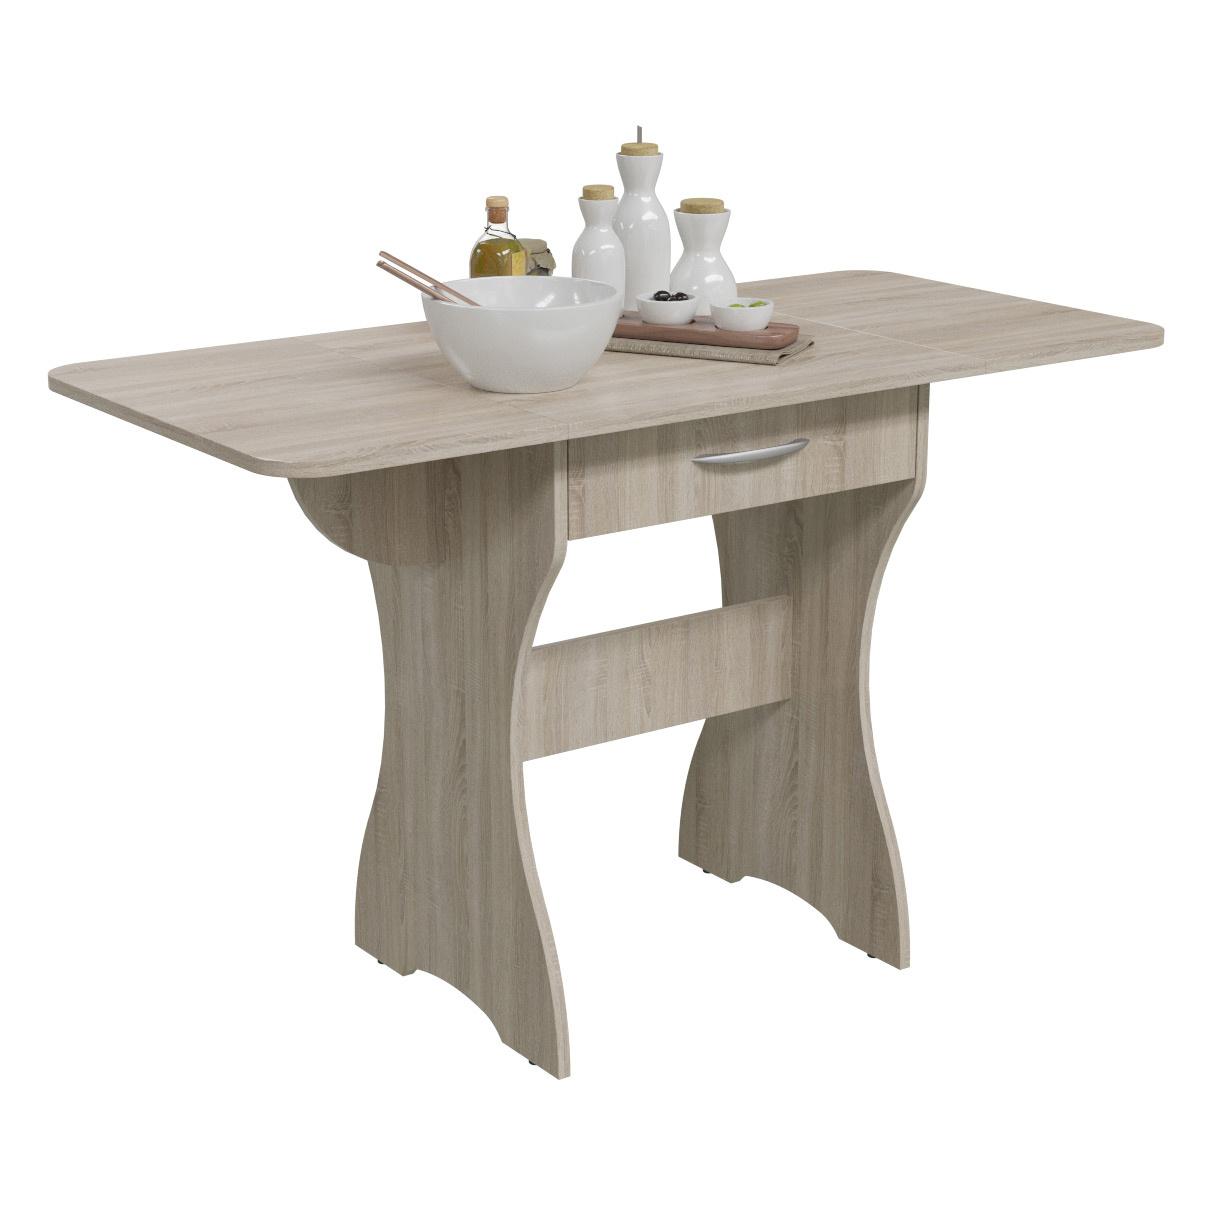 Стол обеденный Гранд-Кволити 6-02.120 дуб сонома, 120х57х75 см фото